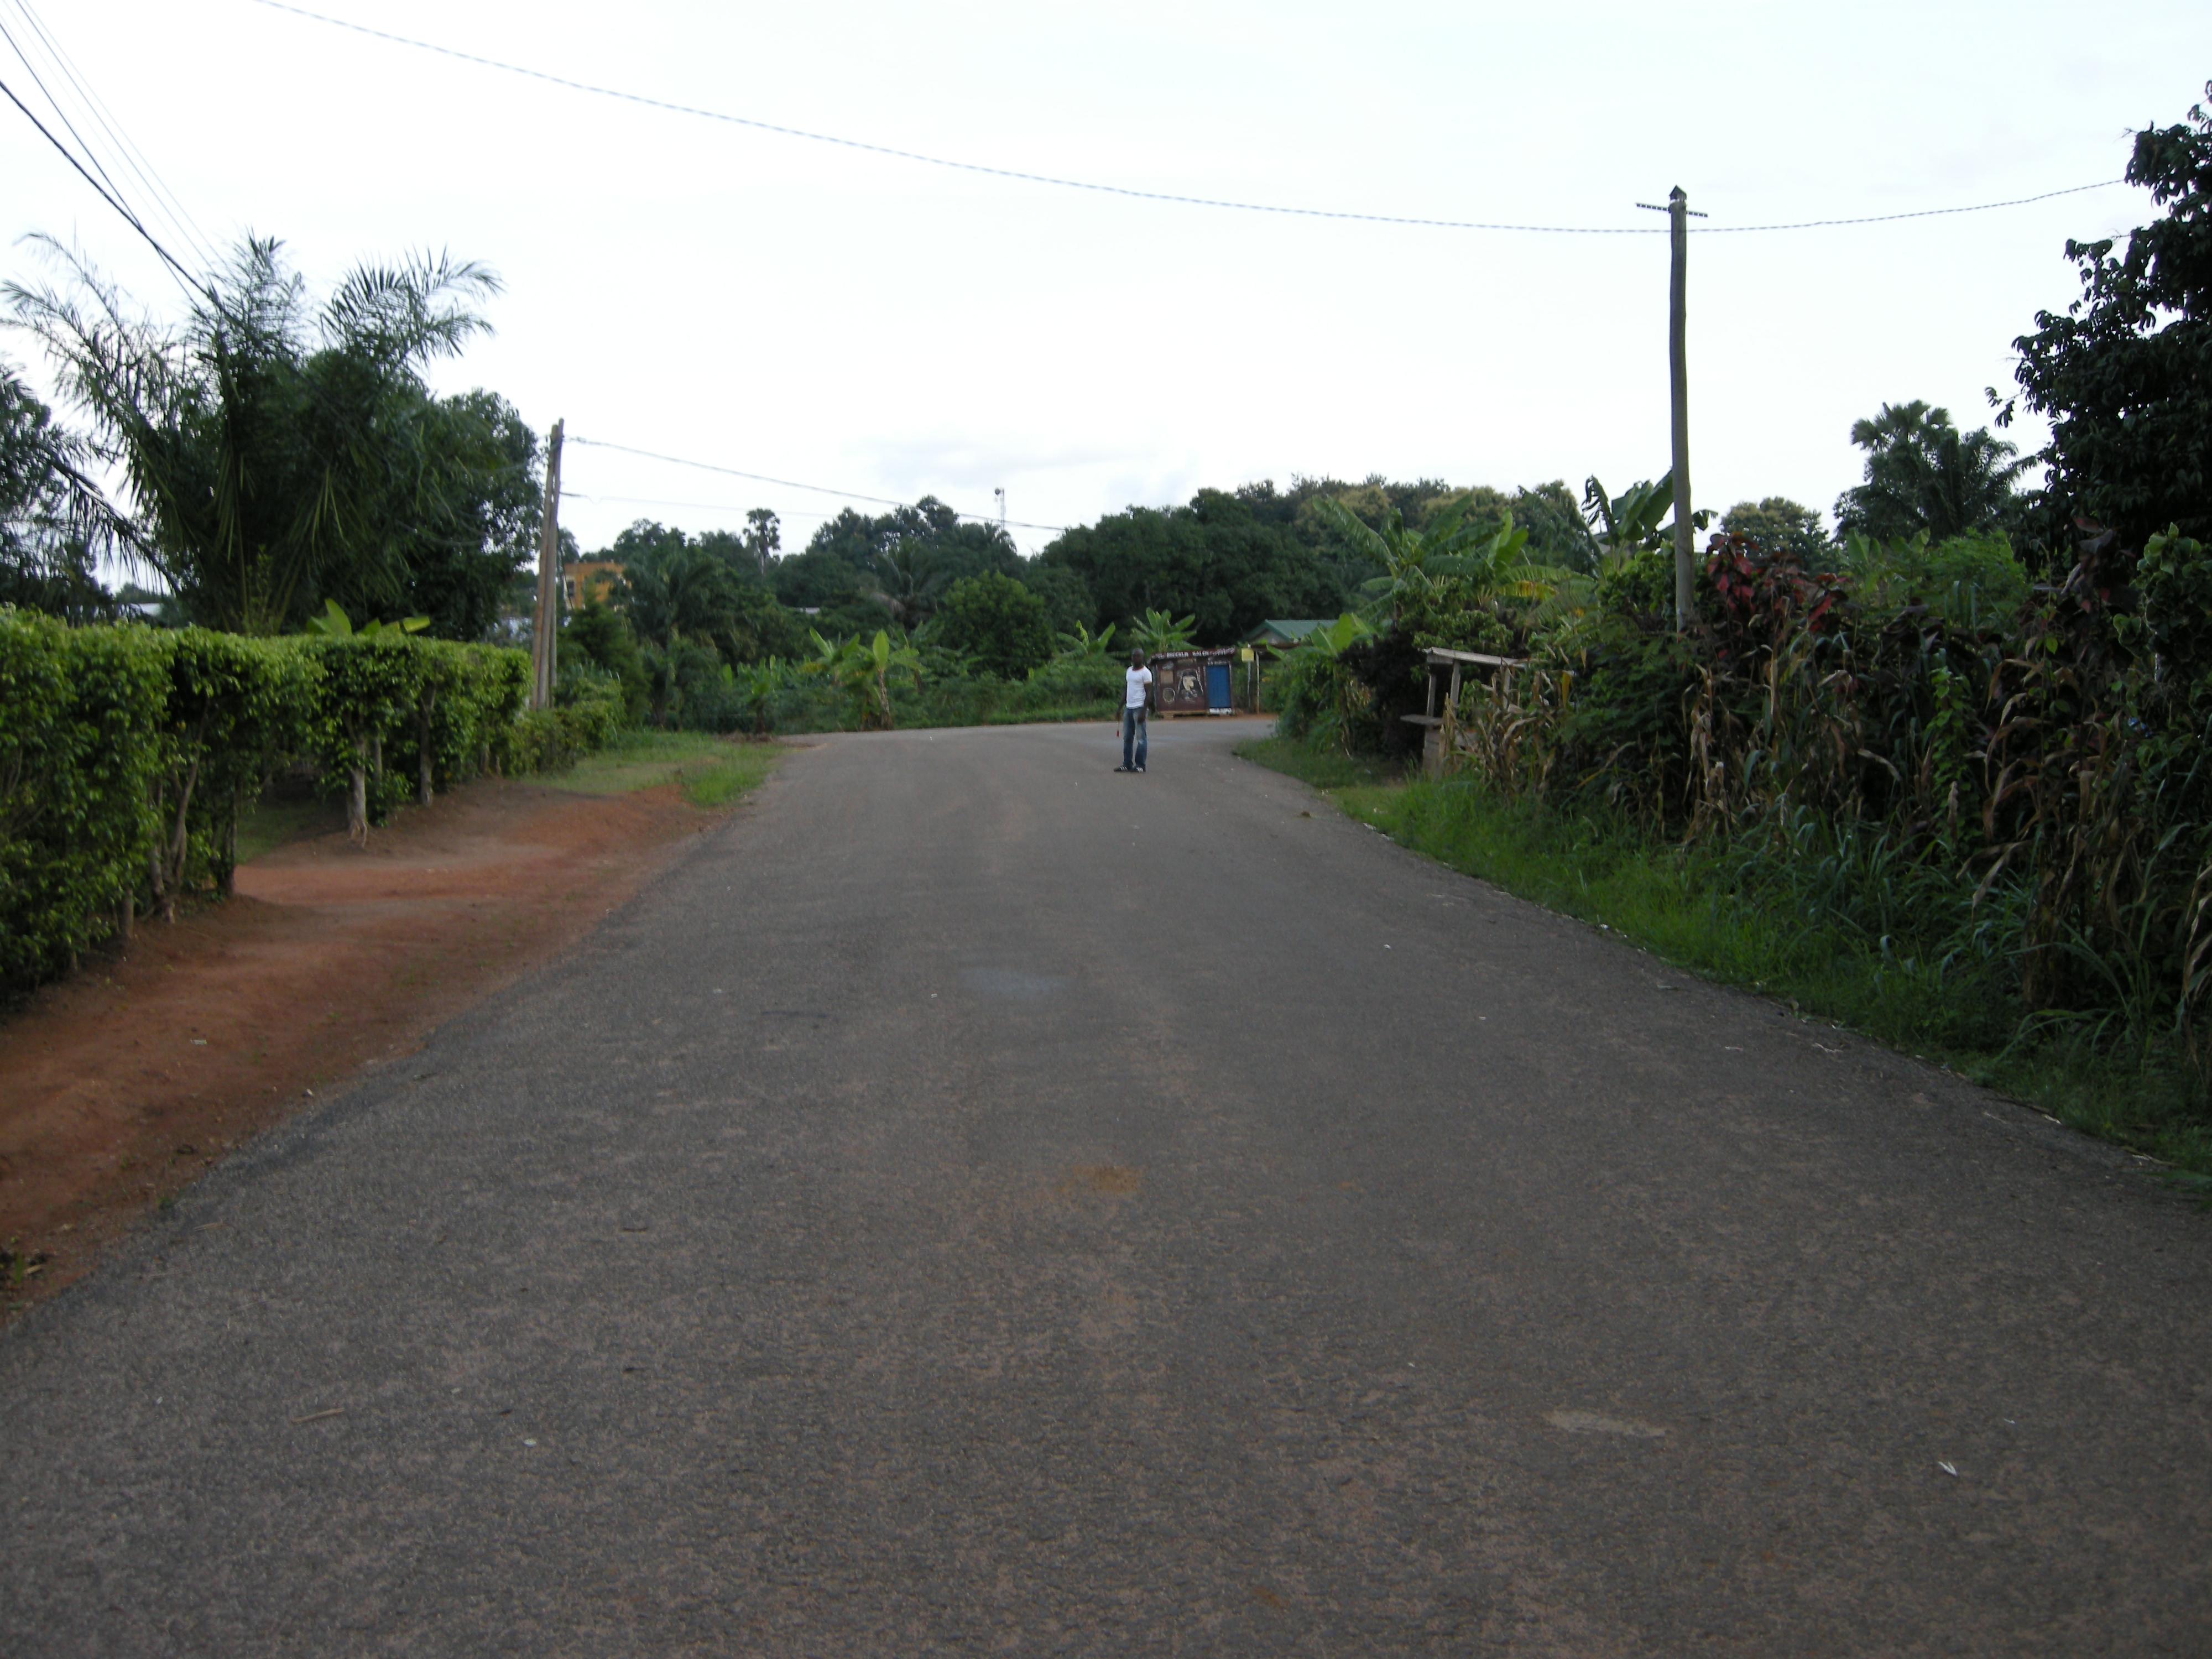 http://cameroon.betacantrips.com/wp-content/uploads/2010/07/wpid-DSCN3840.jpg